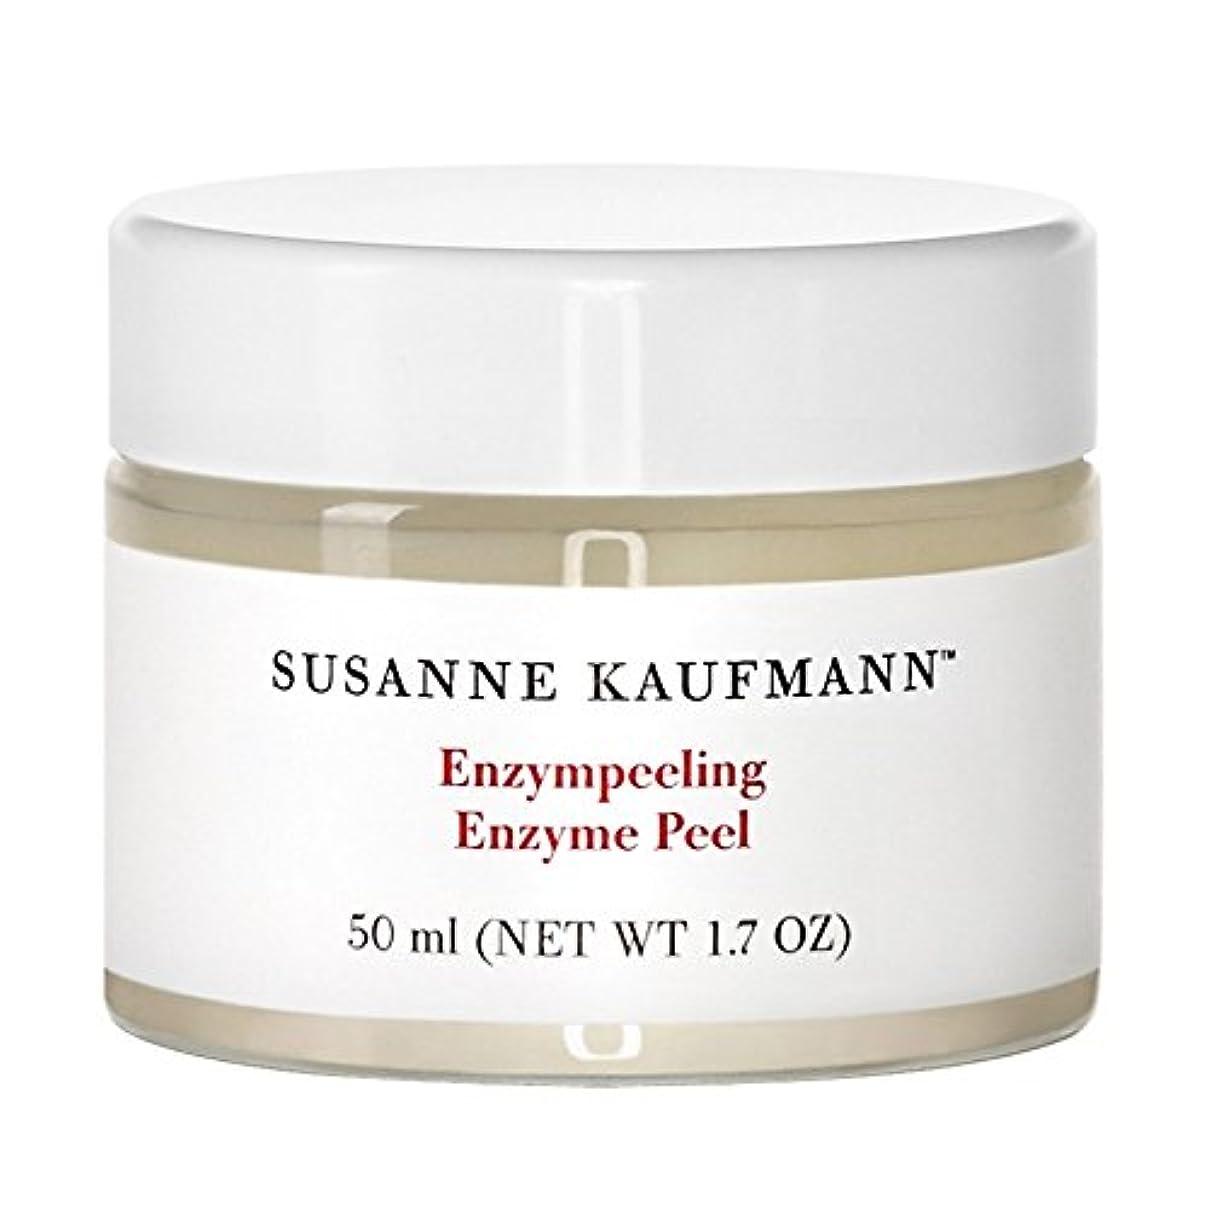 キノコ修士号メダルSusanne Kaufmann Enzyme Peel 50ml - スザンヌカウフマン酵素ピール50ミリリットル [並行輸入品]